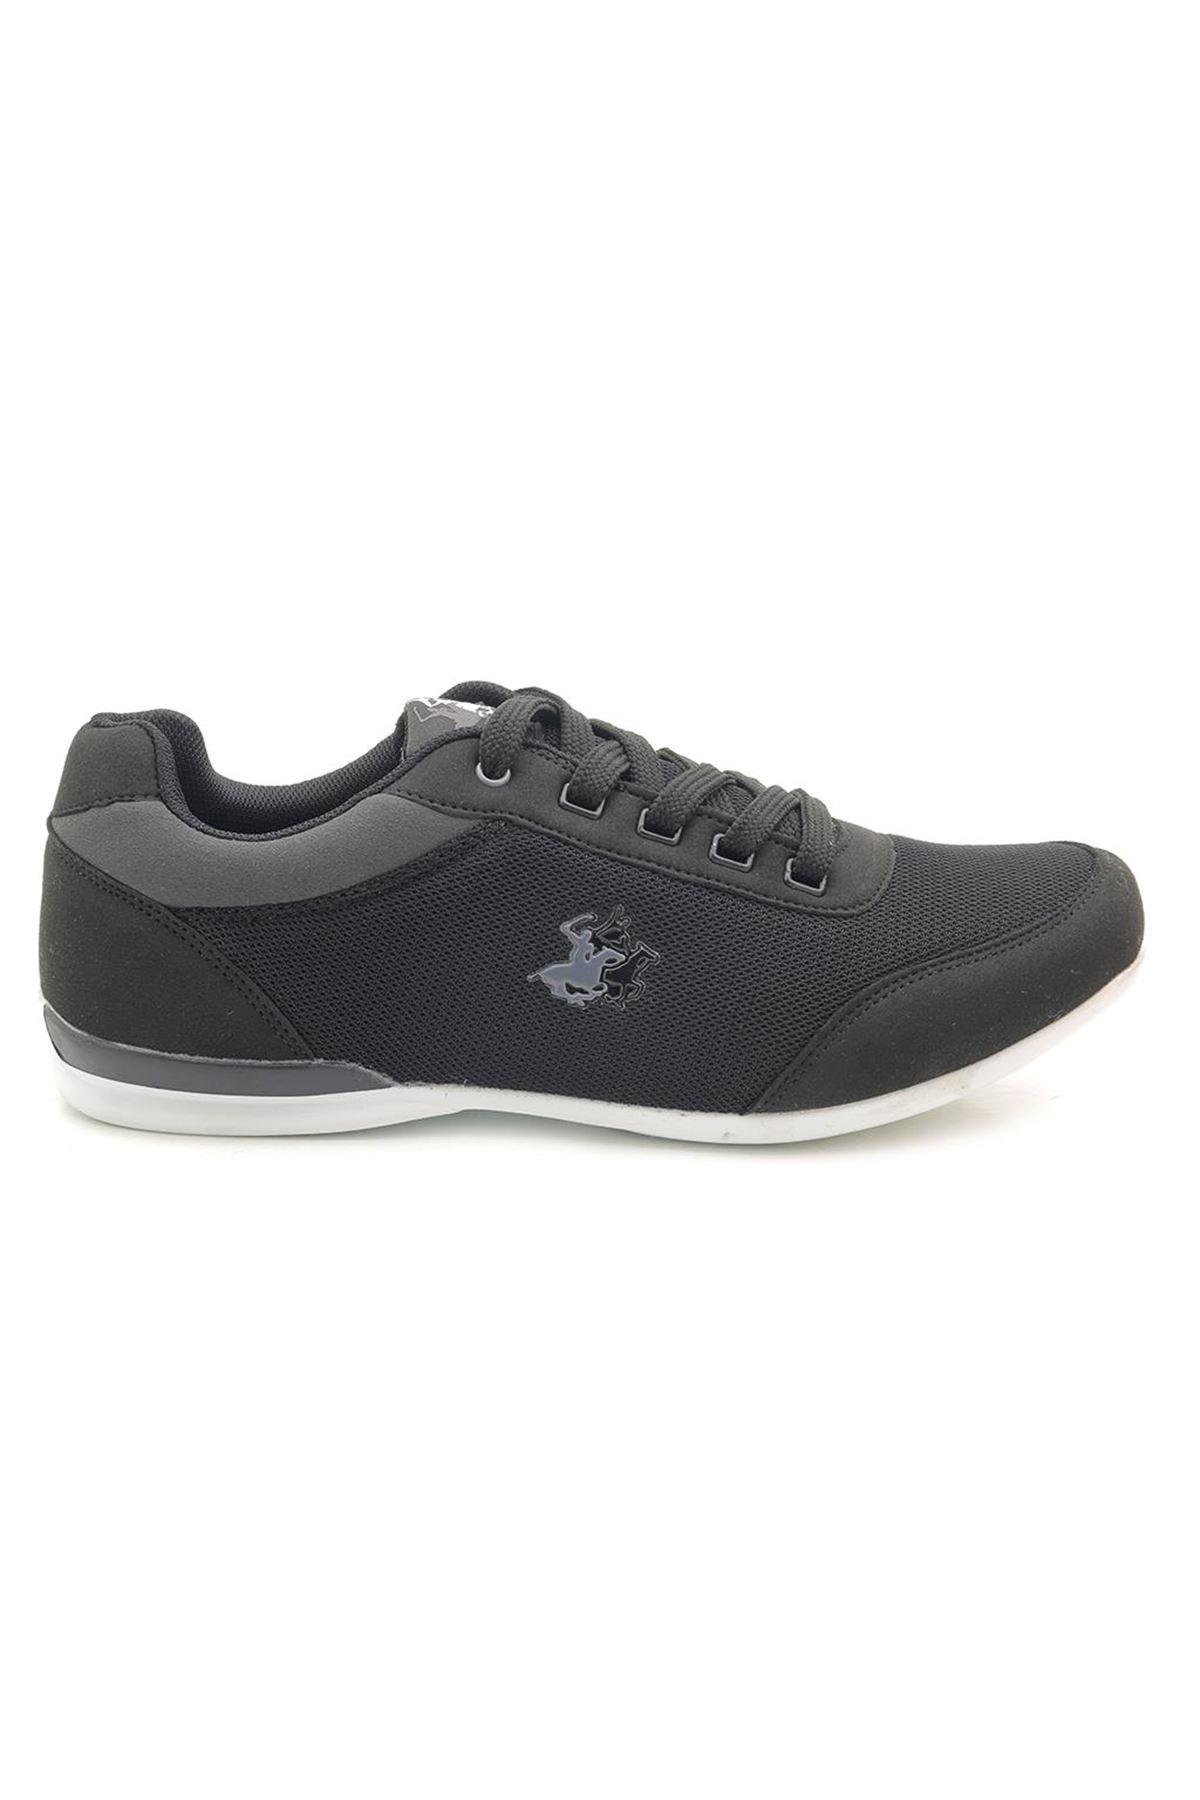 Lady Bluesky Kadın Sneaker Spor Ayakkabı